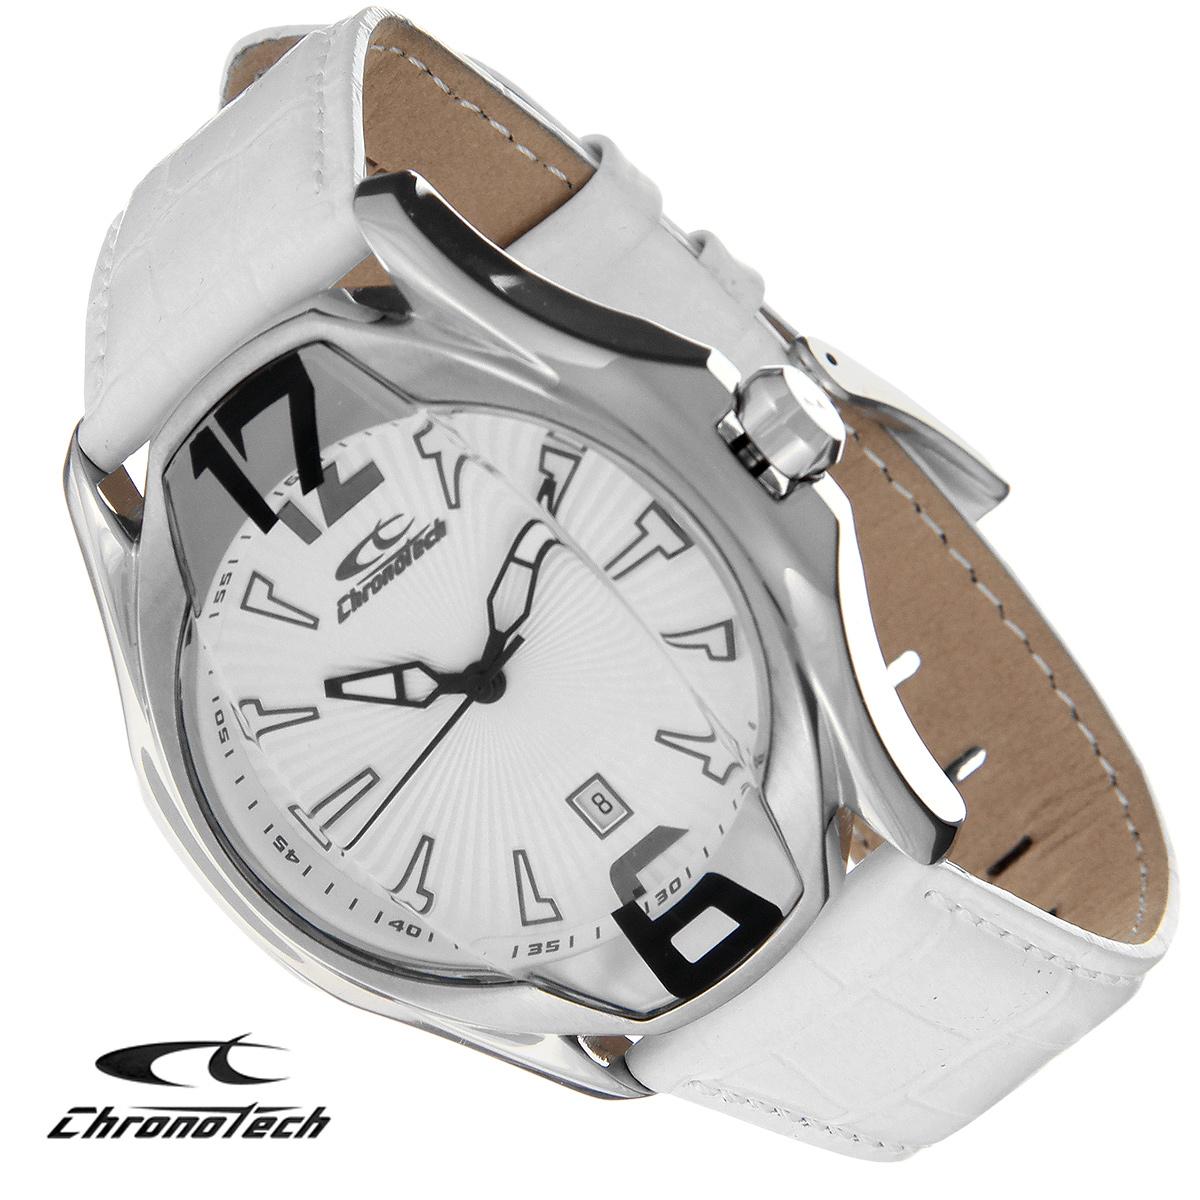 Часы мужские наручные Chronotech, цвет: серебристый, белый. RW0030RW0030Часы Chronotech - это часы для современных и стильных людей, которые стремятся выделиться из толпы и подчеркнуть свою индивидуальность. Корпус часов выполнен из нержавеющей стали. Циферблат оформлен арабскими цифрами и отметками и защищен минеральным стеклом. Часы имеют три стрелки - часовую, минутную и секундную. Часы имеют индикатор даты. Стрелки светятся в темноте. Ремешок часов выполнен из натуральной кожи с тиснением и застегивается на классическую застежку. Часы упакованы в фирменную коробку с логотипом компании Chronotech. Такой аксессуар добавит вашему образу стиля и подчеркнет безупречный вкус своего владельца. Характеристики: Диаметр циферблата: 3,5 см. Размер корпуса: 4,4 см х 5 см х 1,3 см. Длина ремешка (с корпусом): 26 см. Ширина ремешка: 2 см.